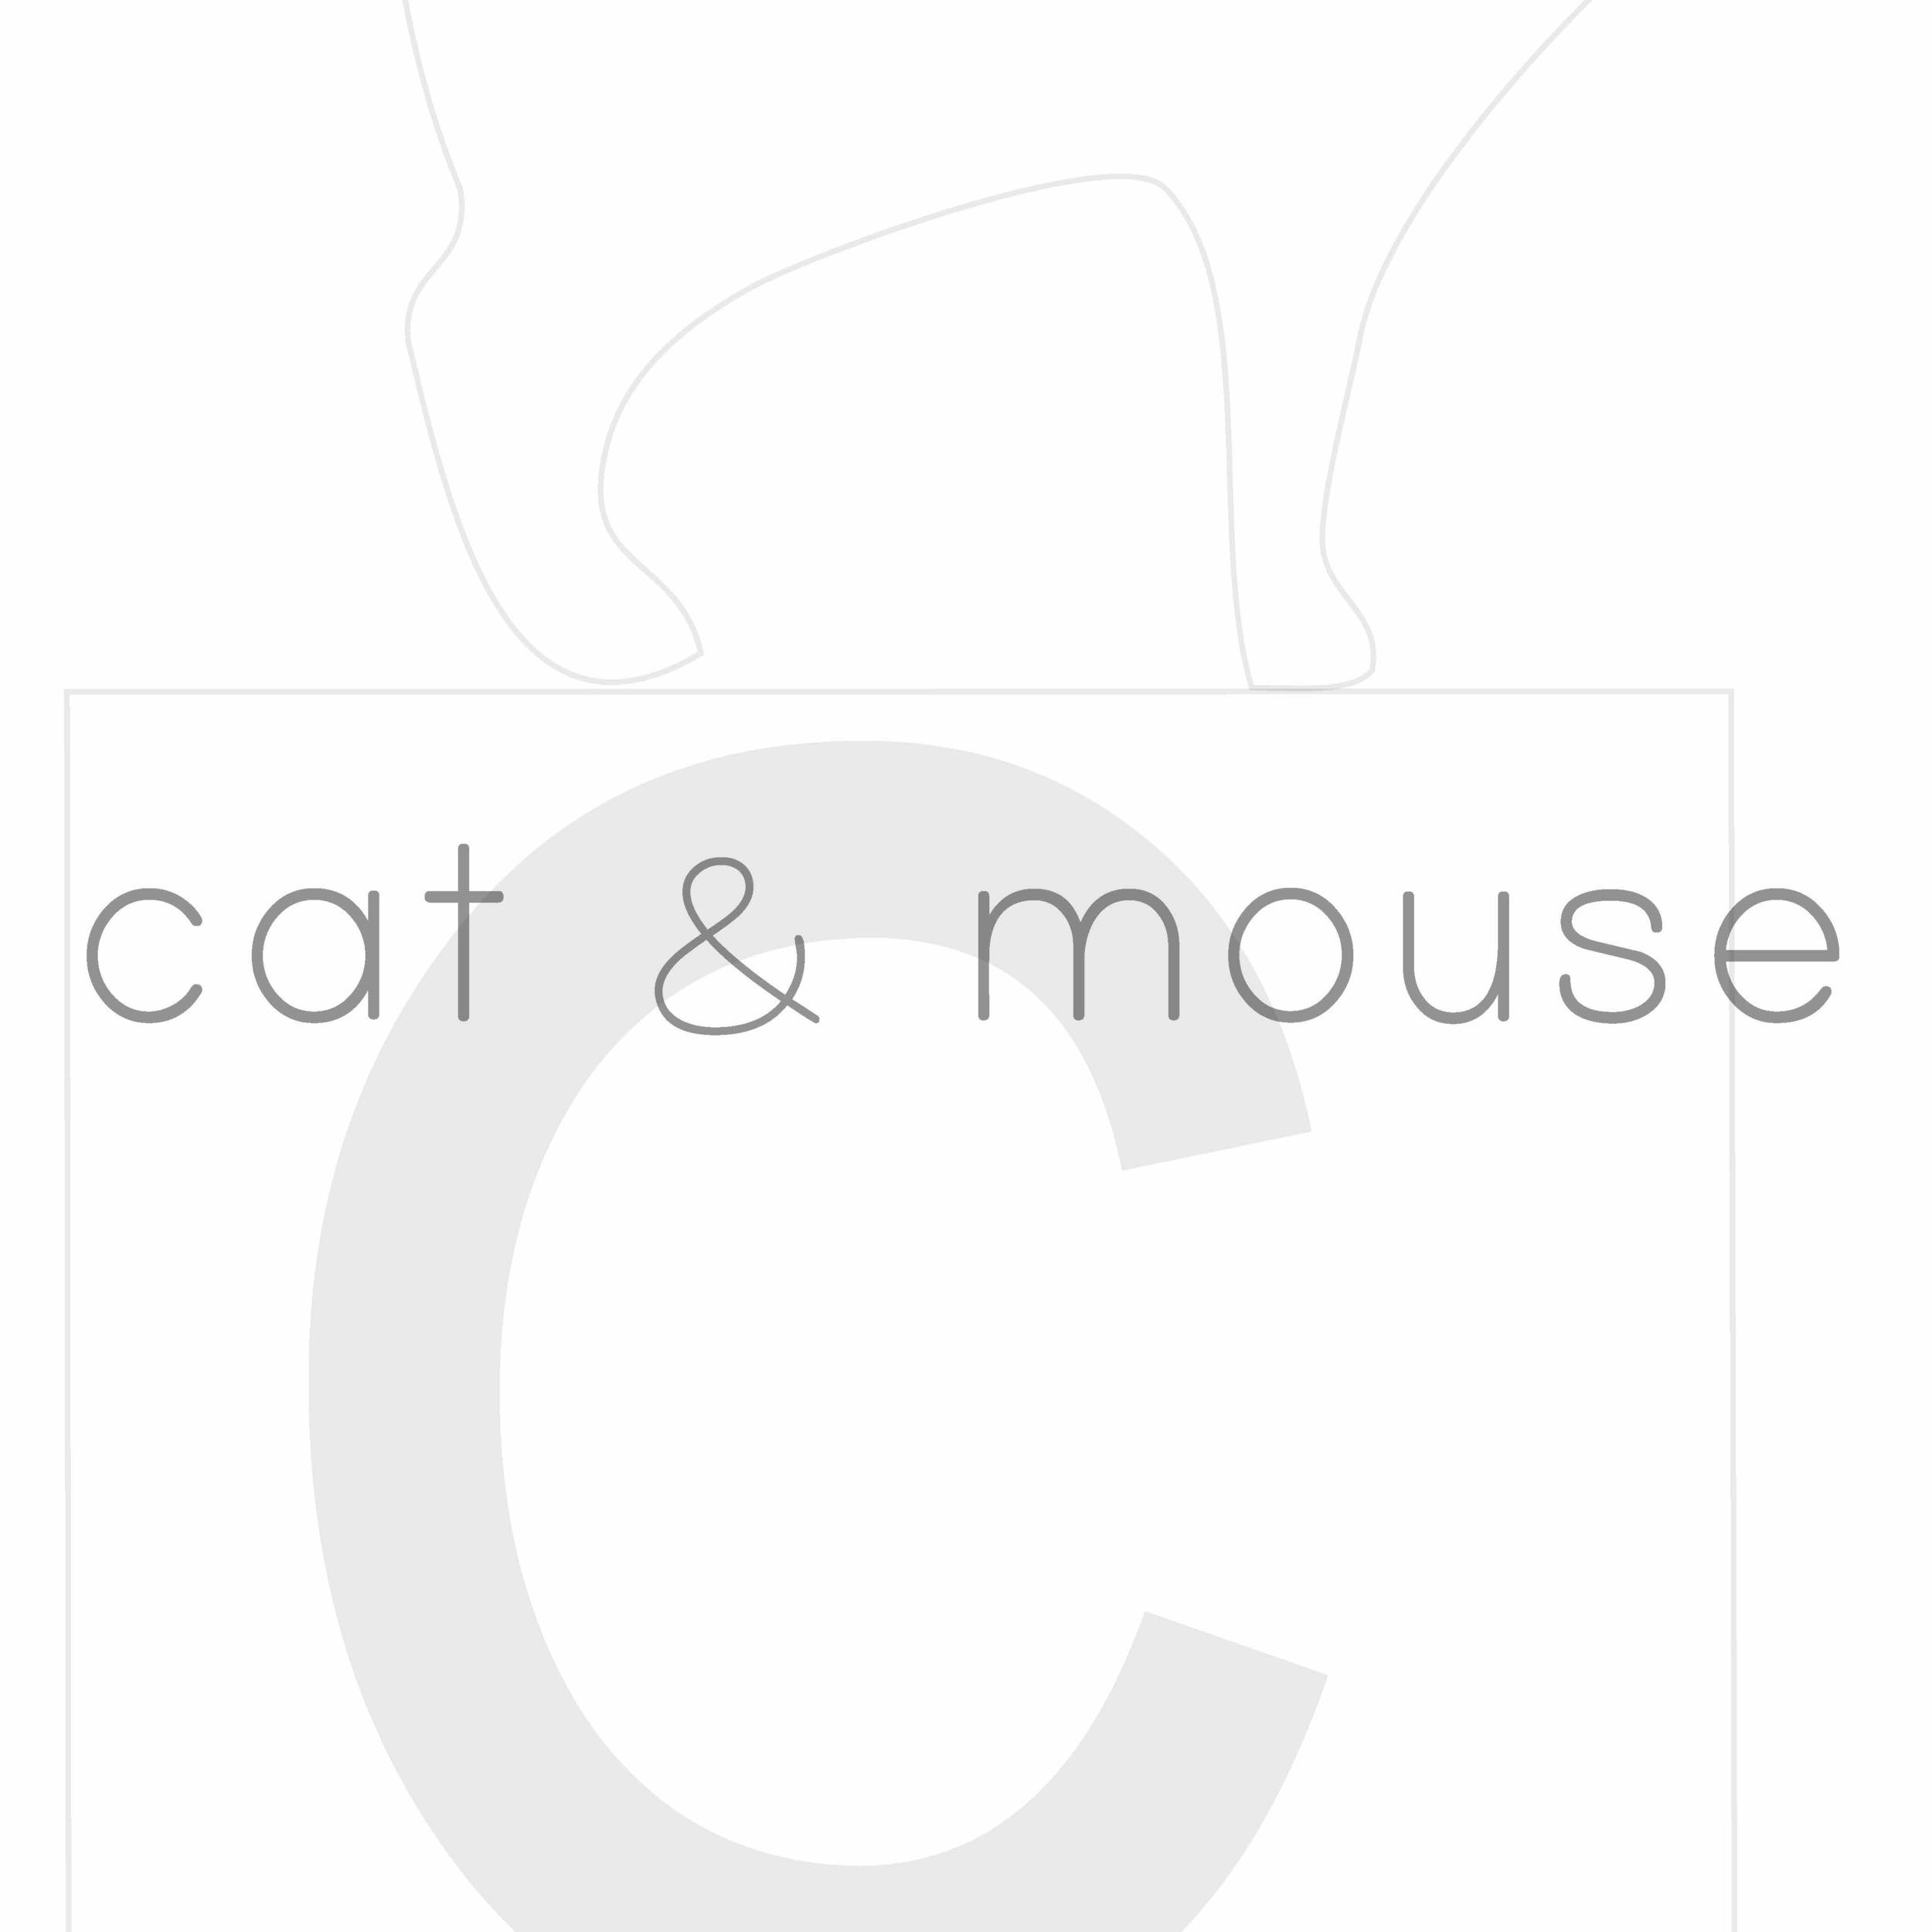 Squarespace-cat & mouse1 copy.jpg